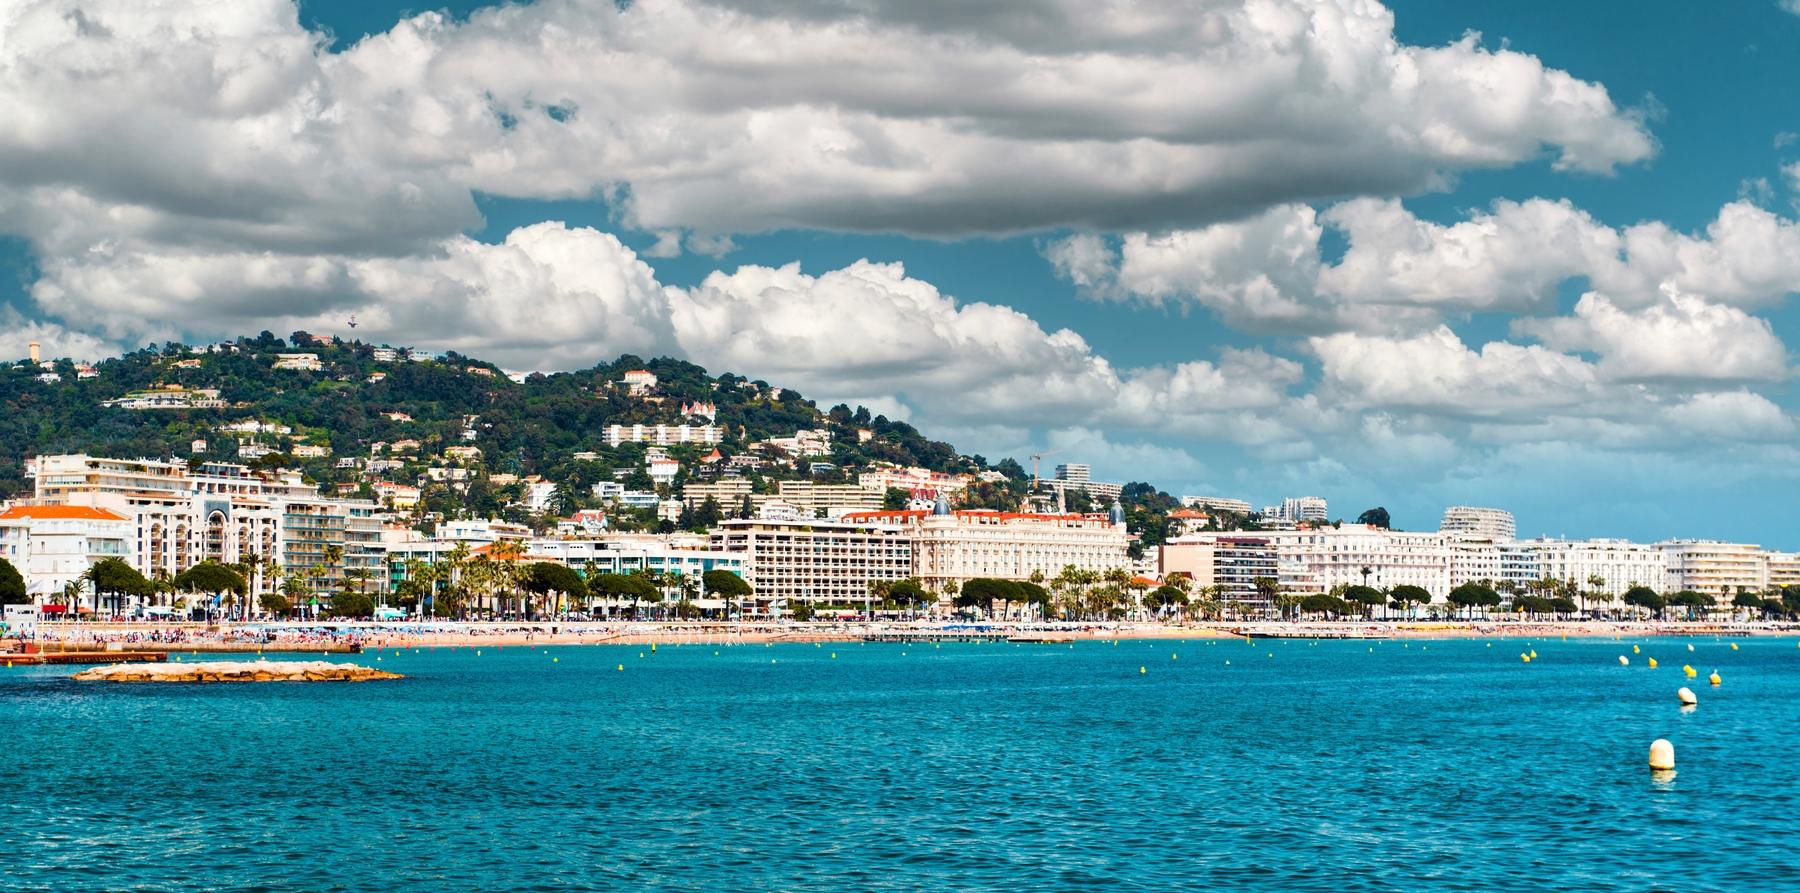 Un des meilleurs hôtels de plage de France, le Royal Antibes